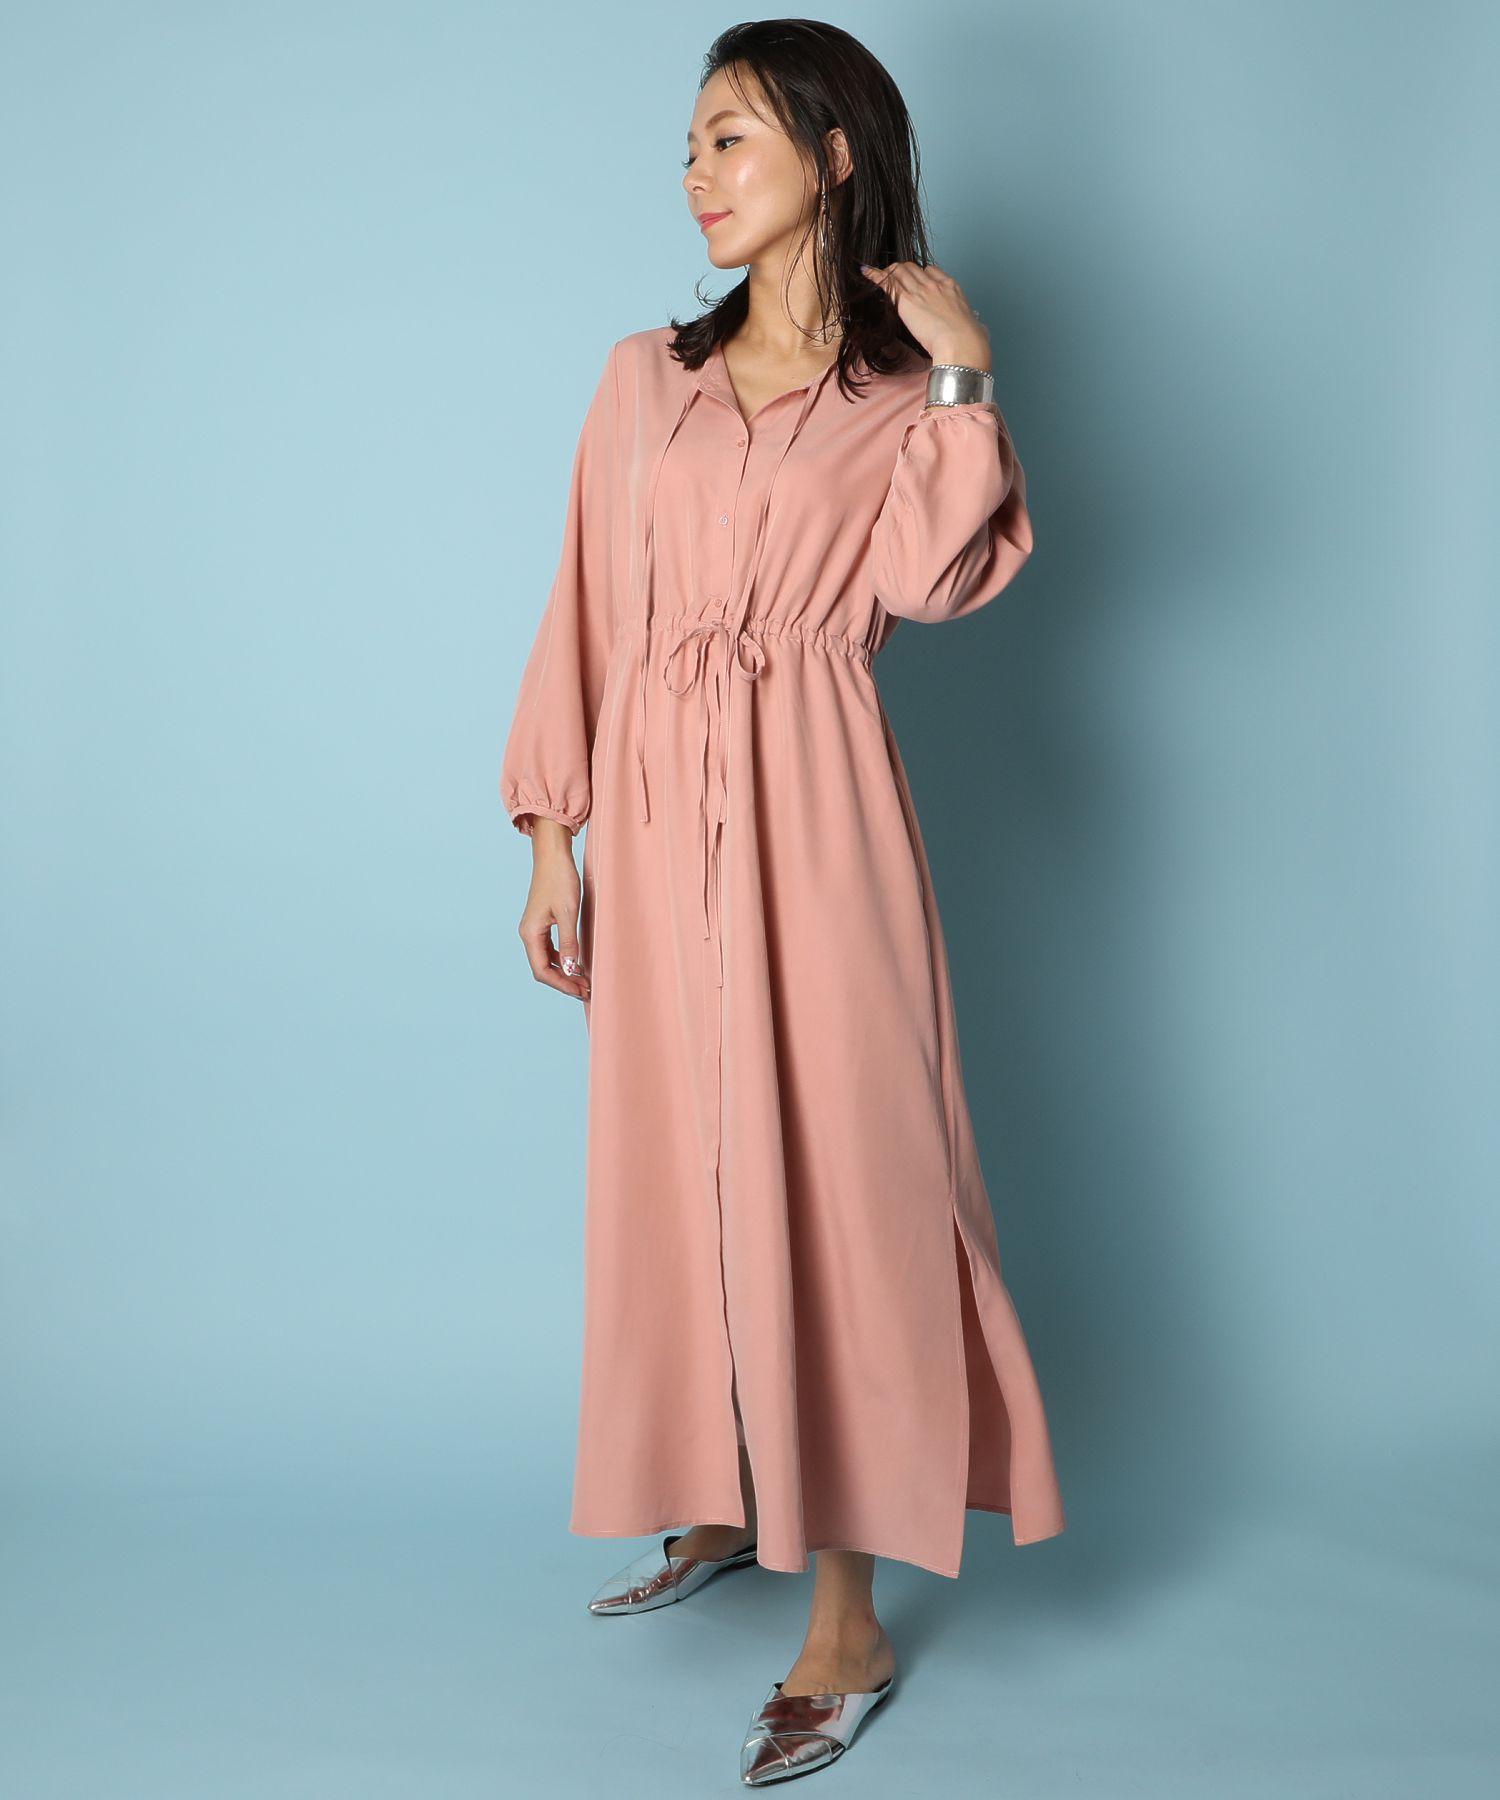 アメリカンラグシー AMERICAN RAG CIE / ウエストギャザーシャツドレス Waist Gathered Shirt Dress